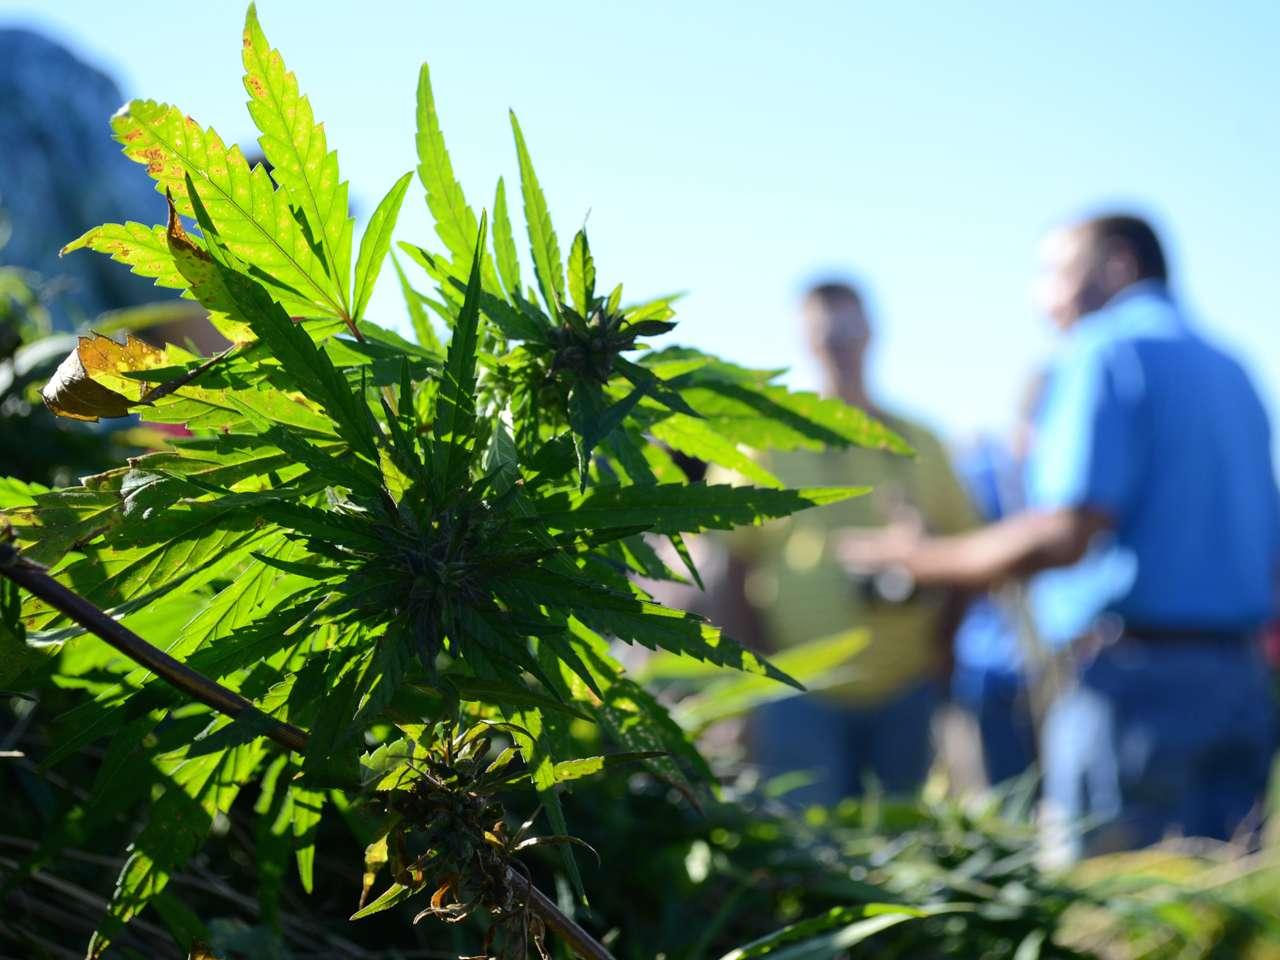 Los narcotraficantes cultivan las plantas de marihuana en medio de los bosques, rodeadas de pinos y robles, para que sea difícil identificarlas Foto: Dylan Lovan/AP